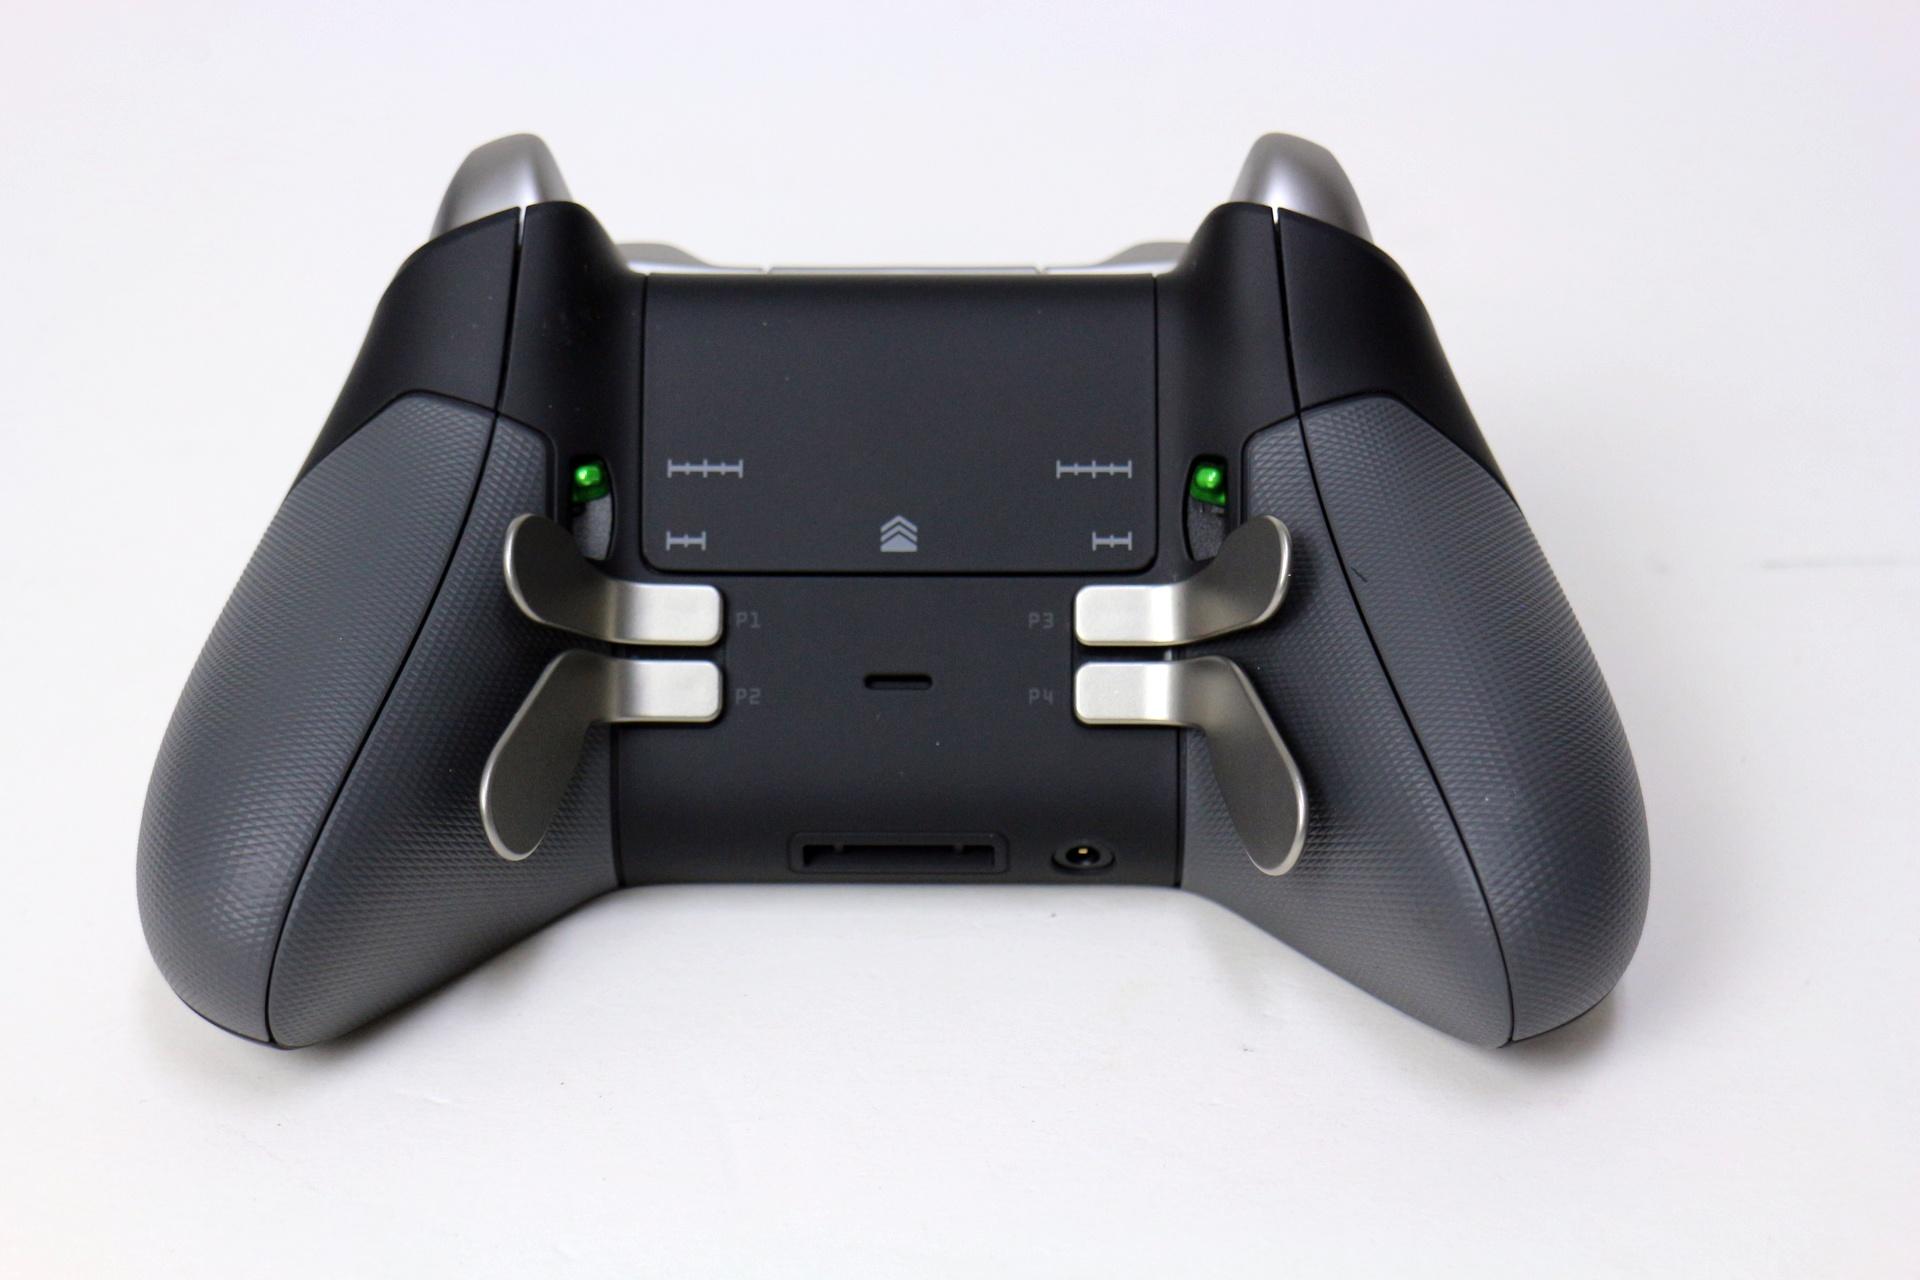 機能的には最大の特徴となる4つの背面パドルボタン。任意機能を割り当て可能なほか、個別の着脱も可能